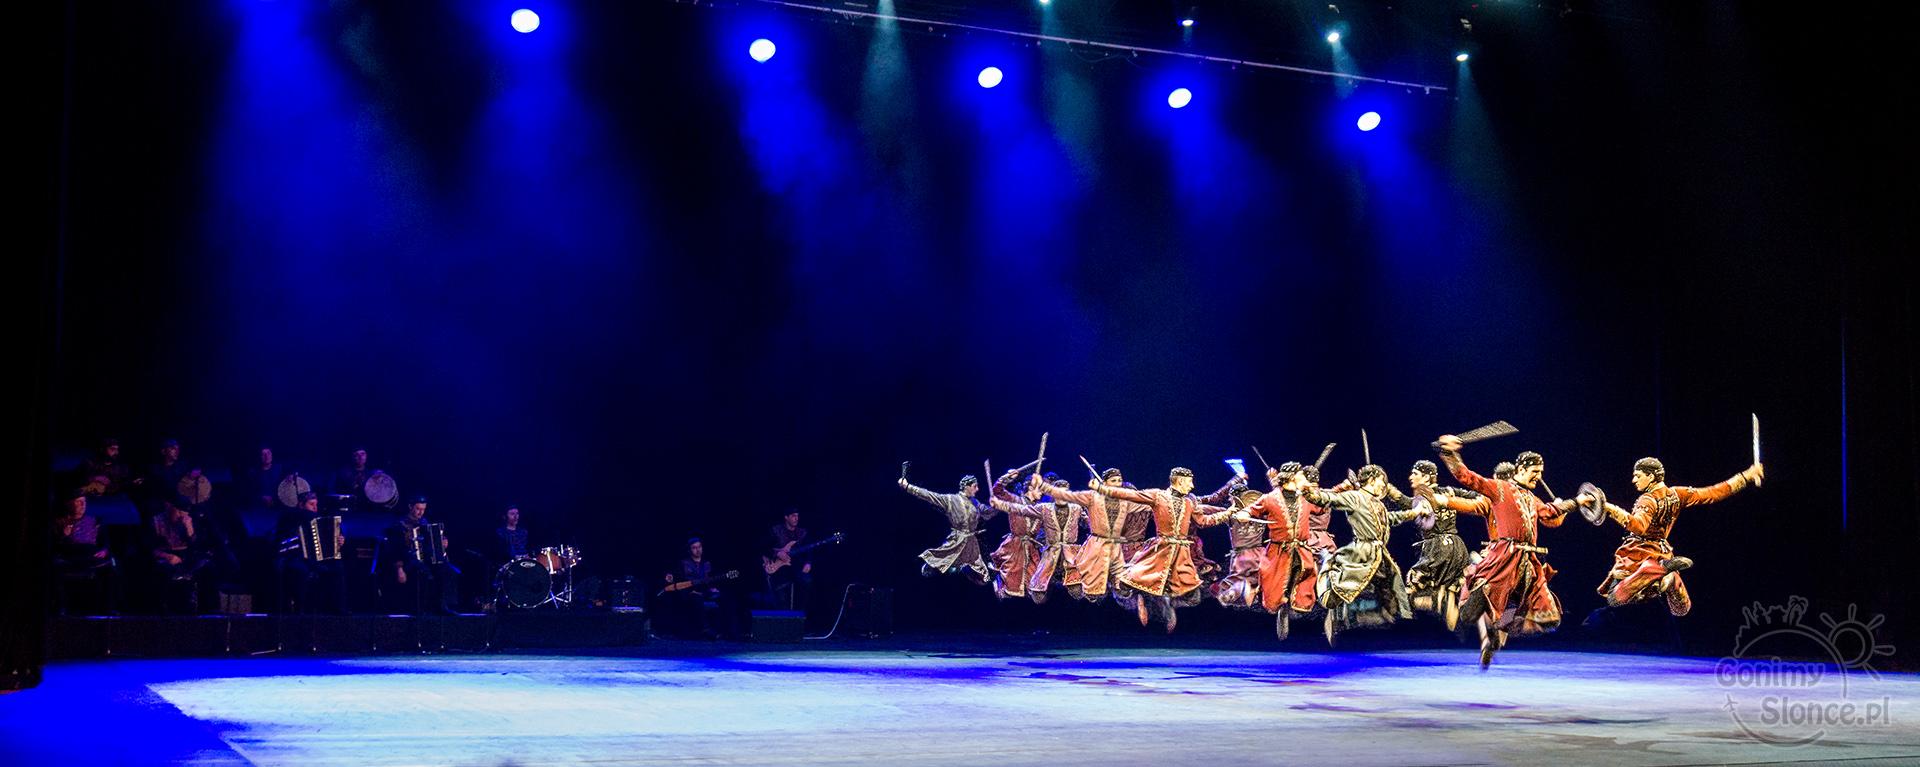 Narodowy Balet Gruzji Sukhishvili 08 blog kulturalny